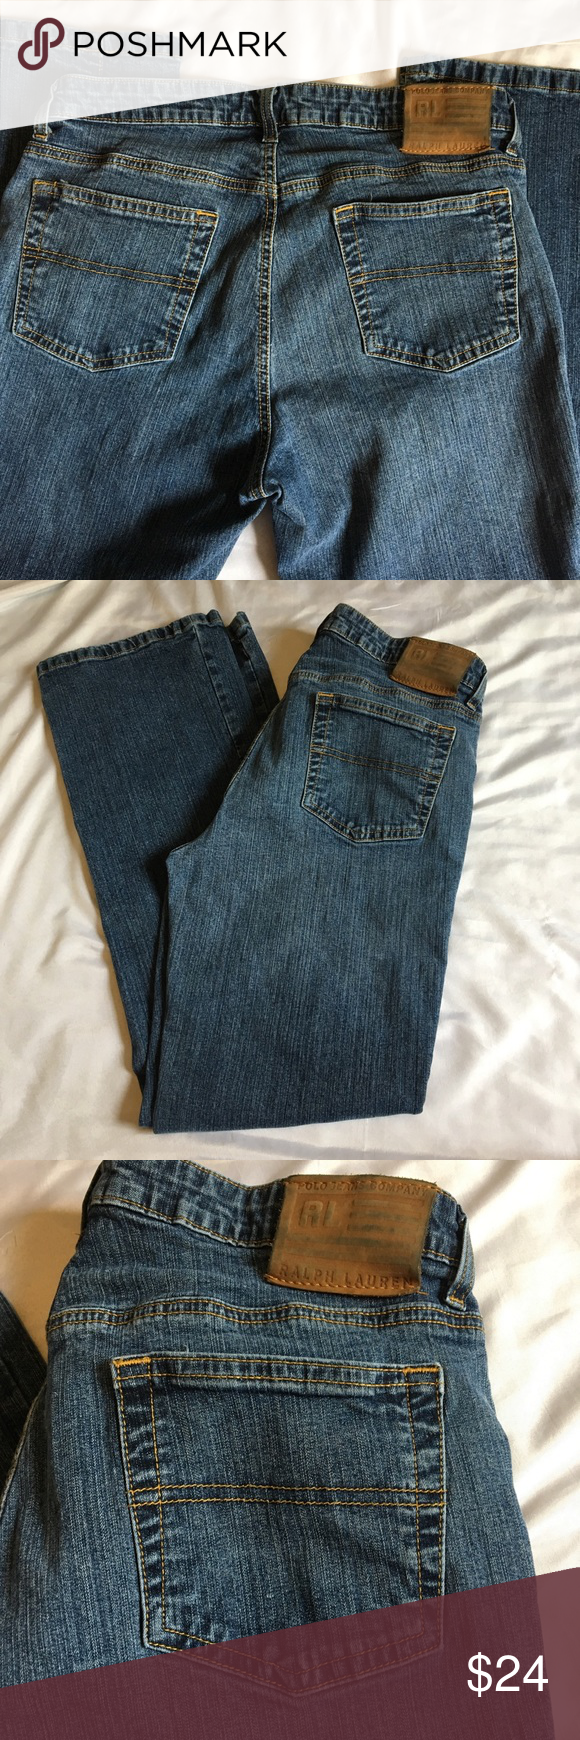 Vintage Ralph Lauren Kelly Stretch Jeans Clothes Design Lauren